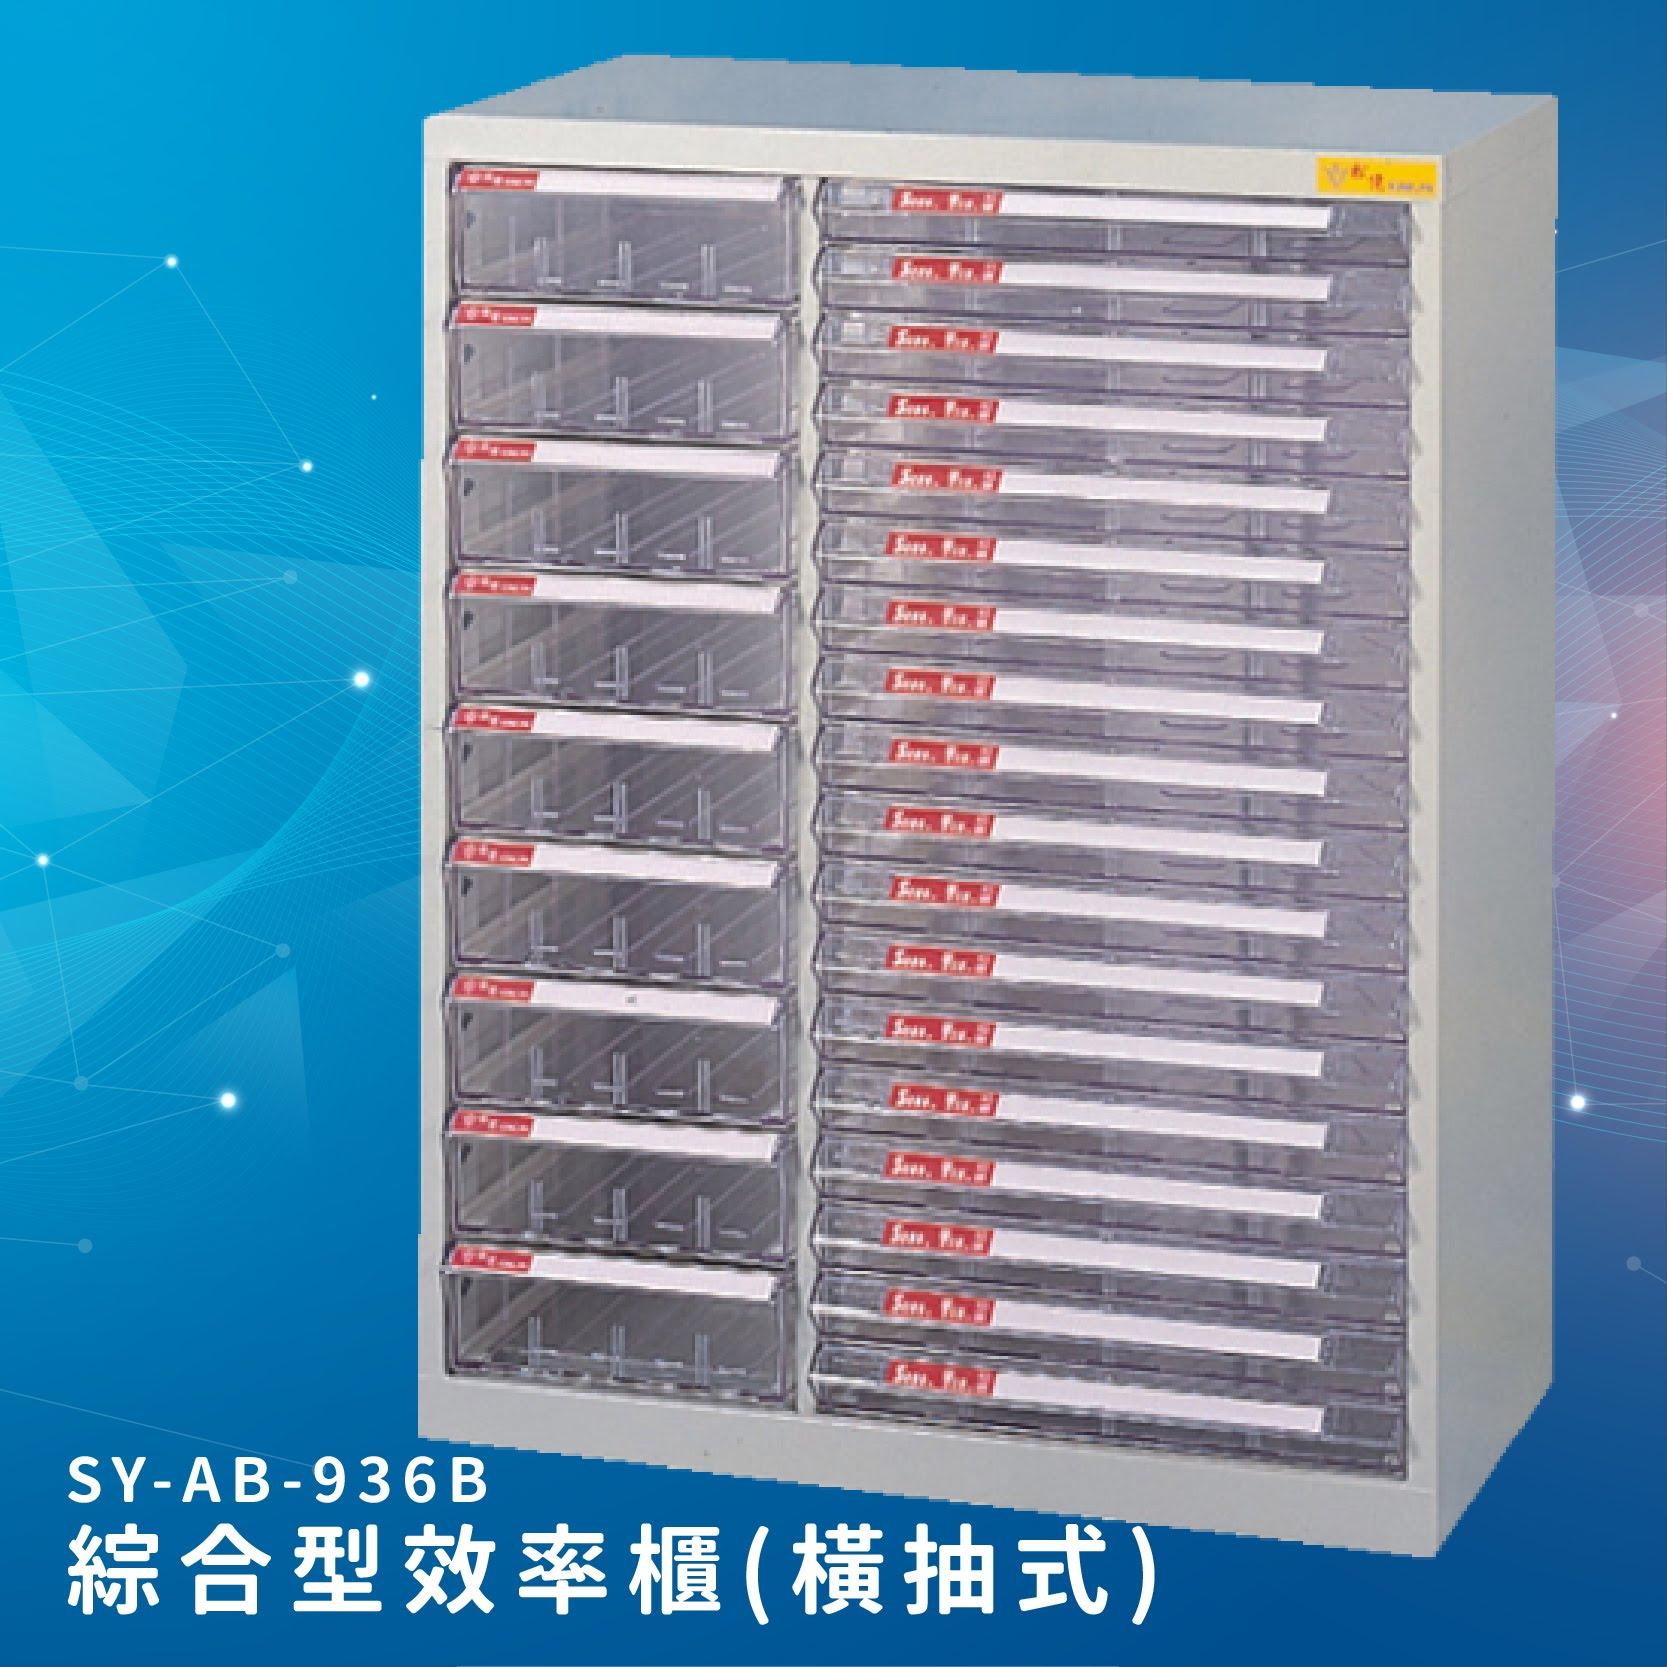 台灣製造【大富】SY-AB-9FF 綜合效率櫃(橫抽式) 文件櫃 報表櫃 置物櫃 收納櫃 抽屜 台灣品牌 B4 A4